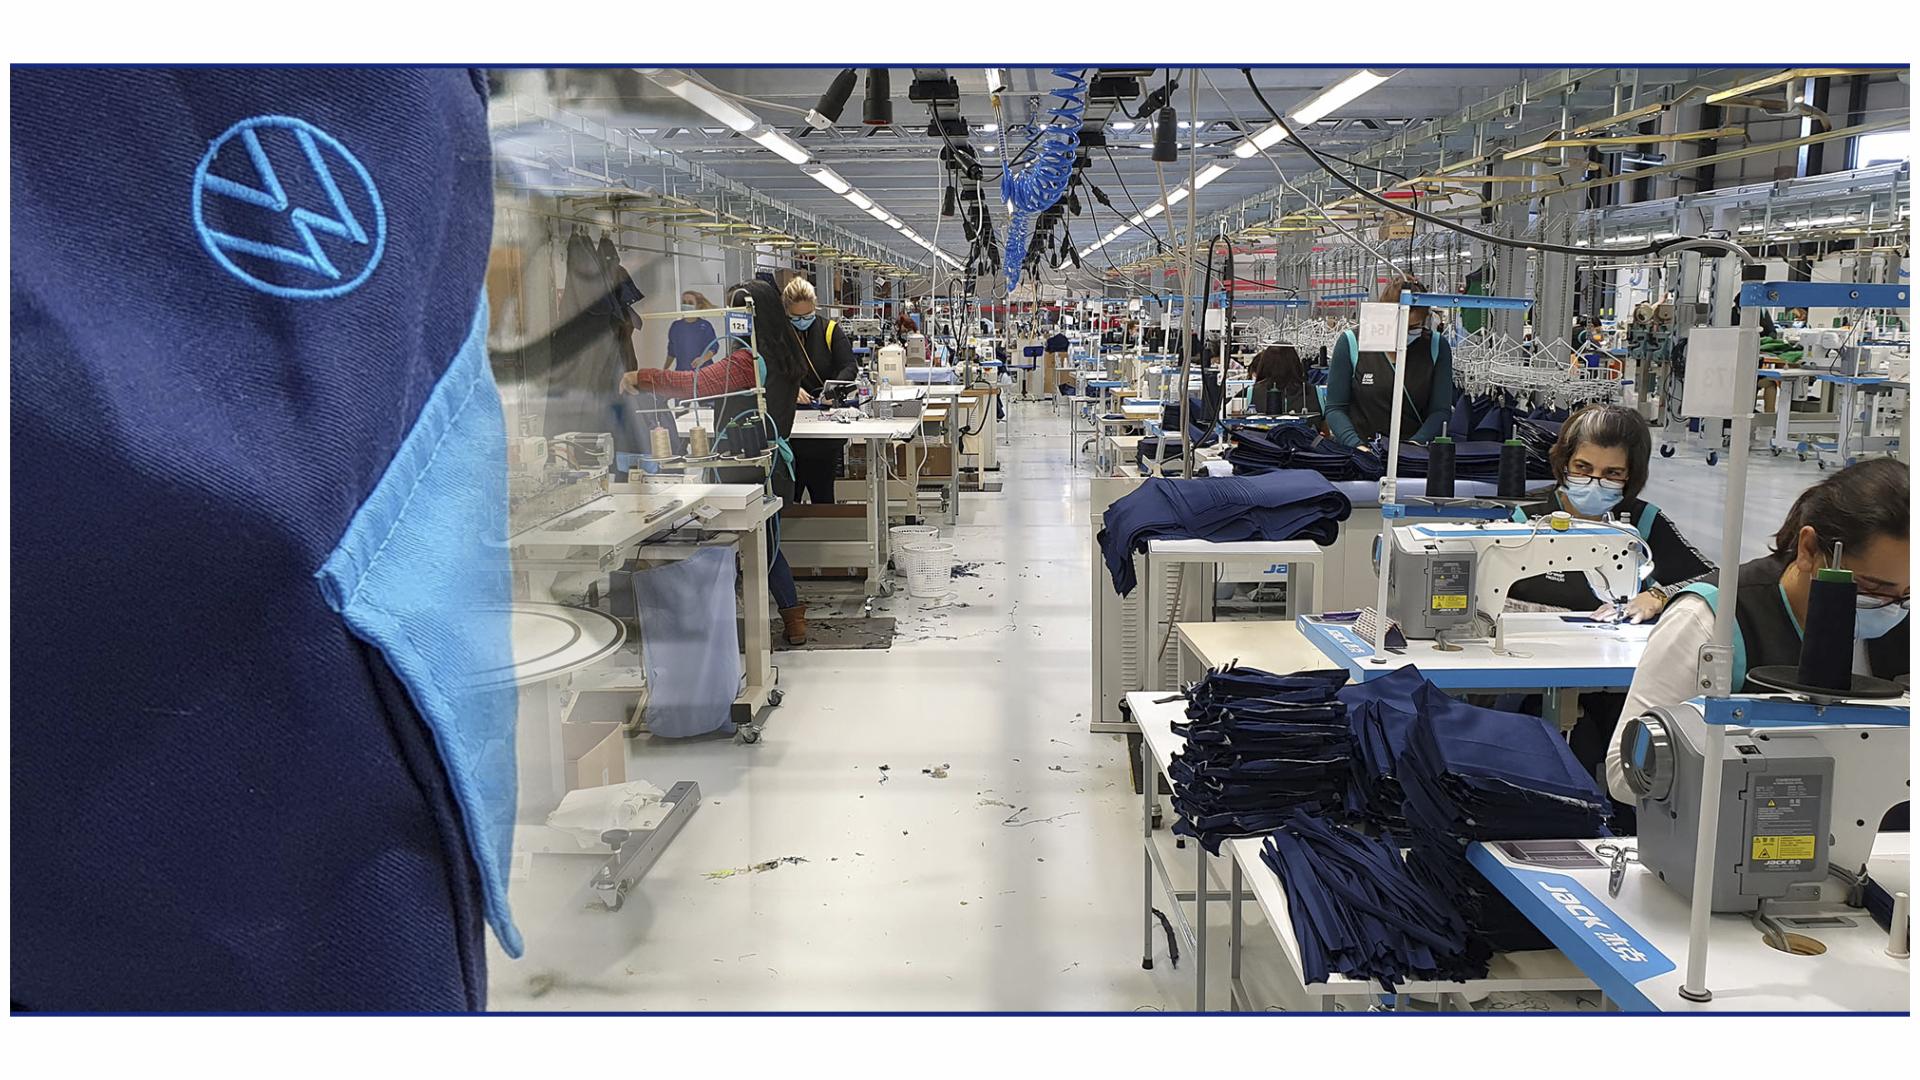 HR Group responsável pela confecção de vestuário profissional para a Volkswagen Autoeuropa